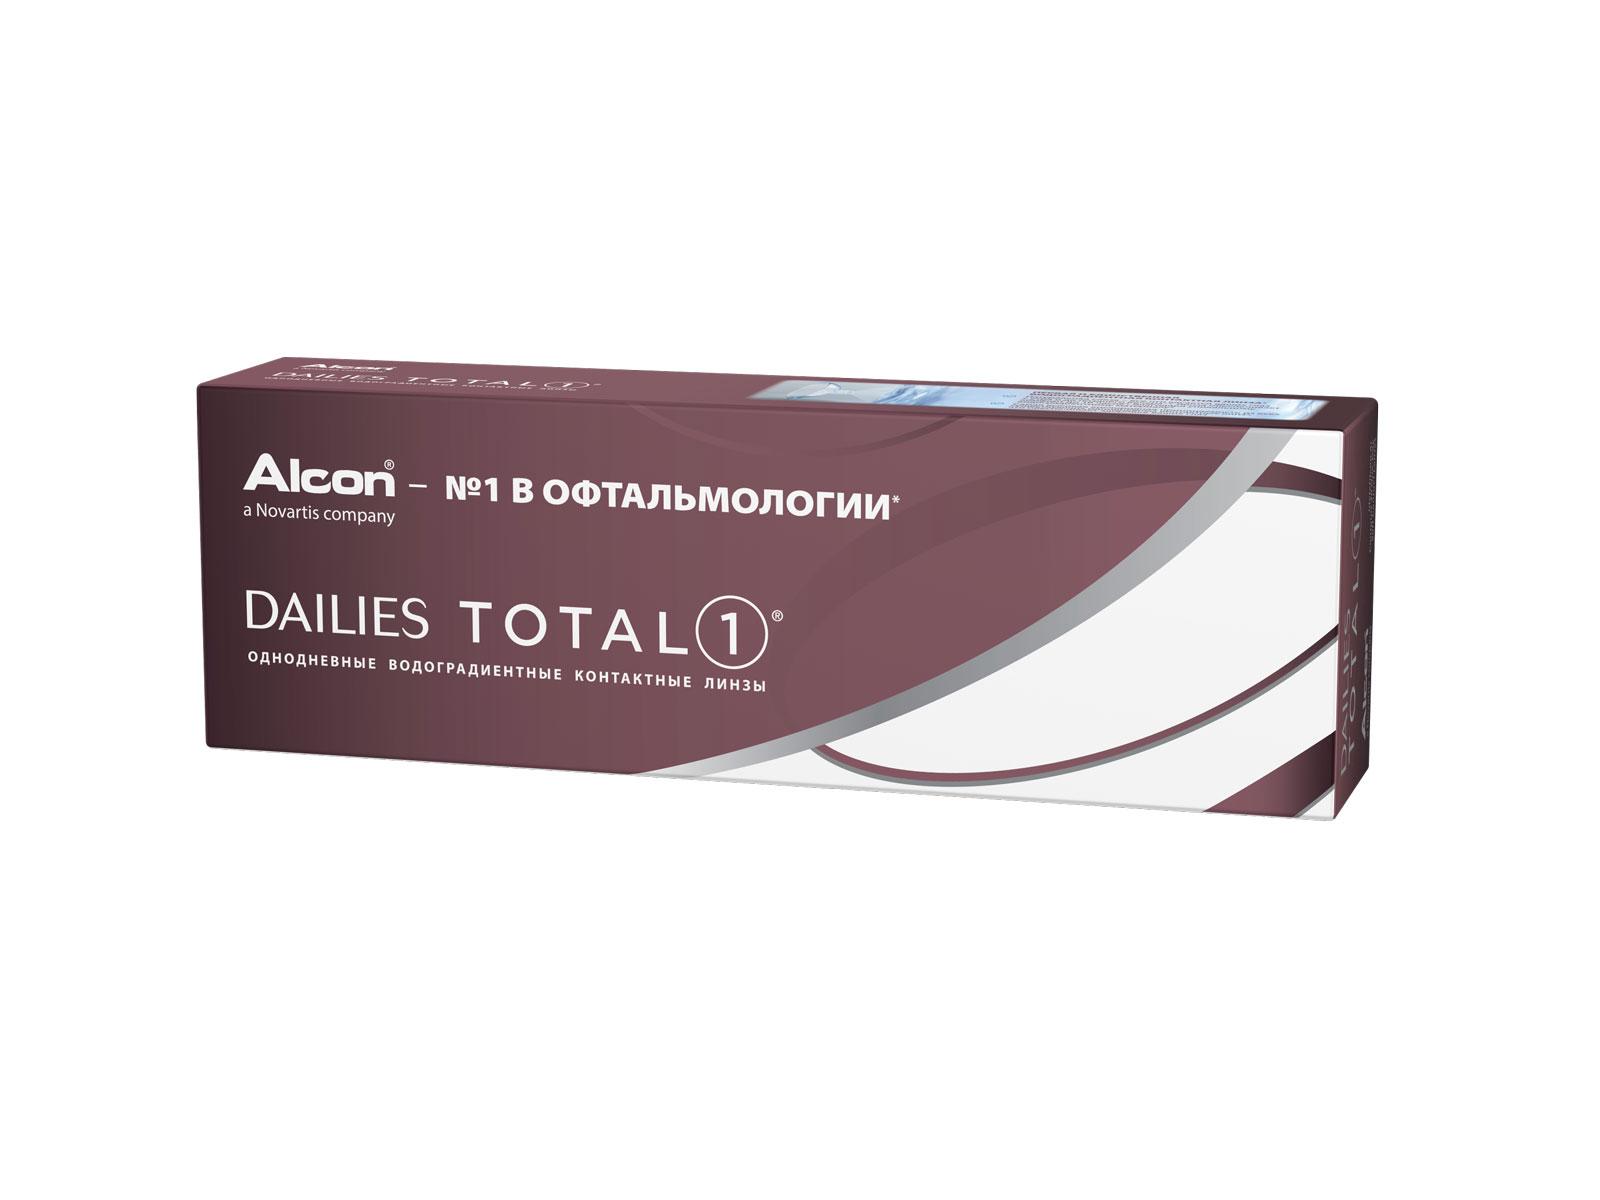 Alcon контактные линзы Dailies Total 1 30pk /-9.00 / 8.5 / 14.1100008220Dailies Total 1 – линзы, которые не чувствуешь с утра и до поздного вечера. Эти однодневные контактные линзы выполнены из уникального водоградиентного материала, багодаря которому натуральная слеза – это все, что касается ваших глаз. Почти 100% влаги на поверхности обеспечивают непревзойденный комфорт до 16 часов ношения.